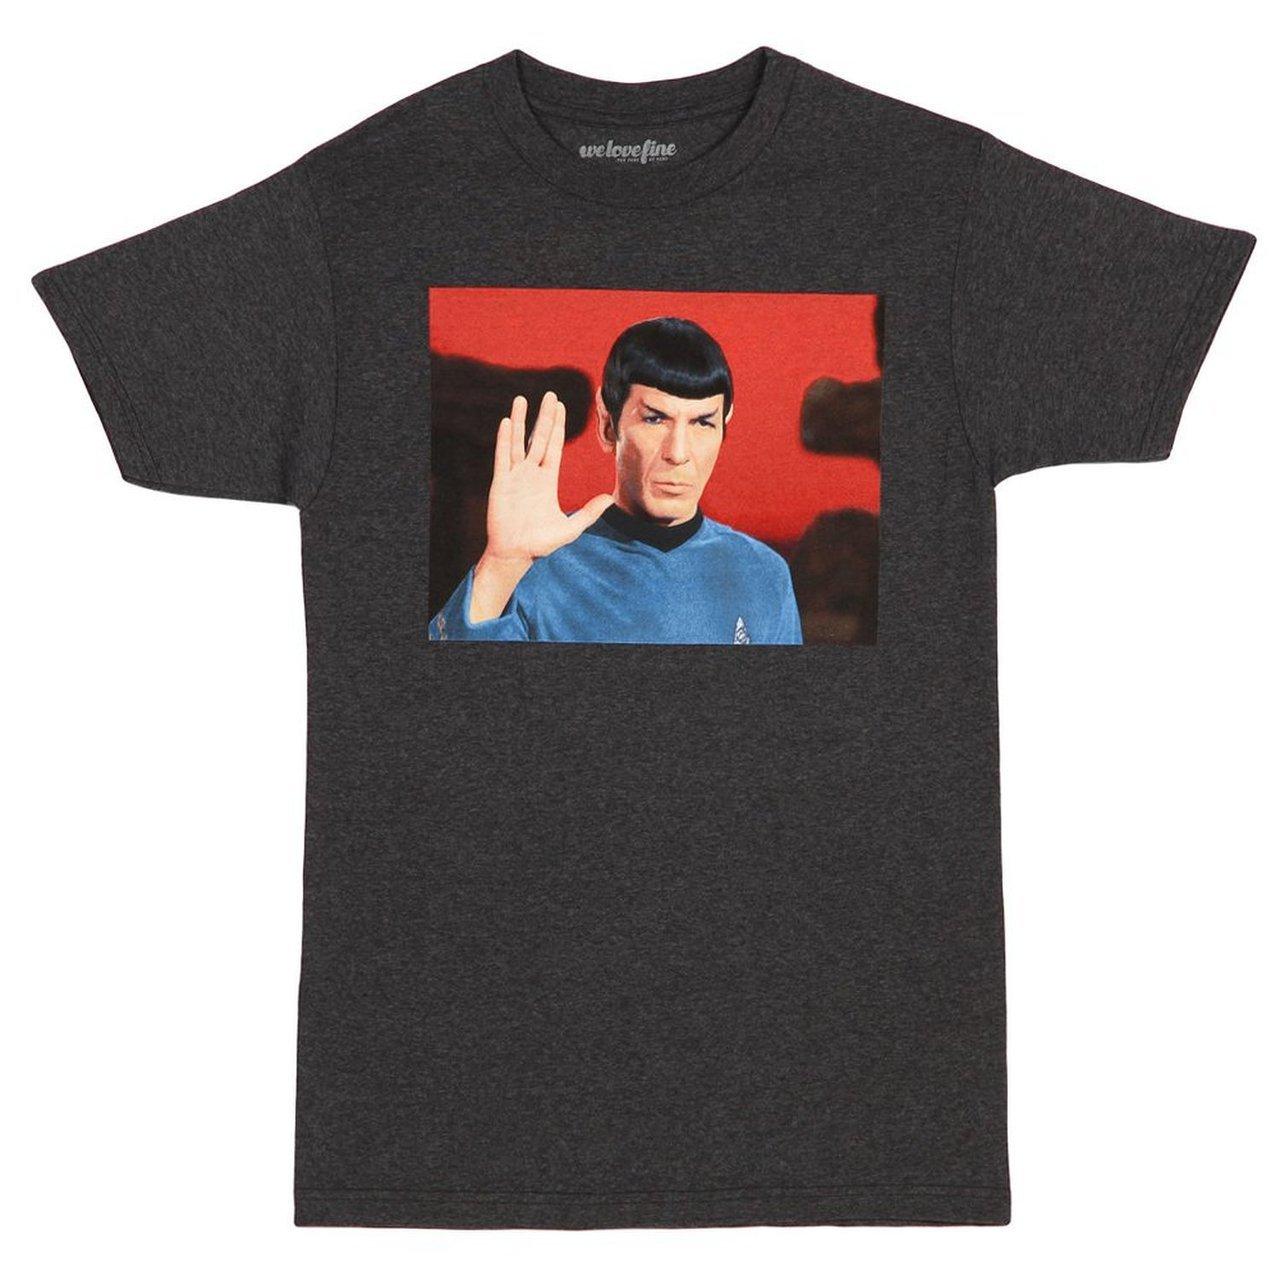 Vulcan_Salute_T-Shirt__48693.1466621125.1280.1280